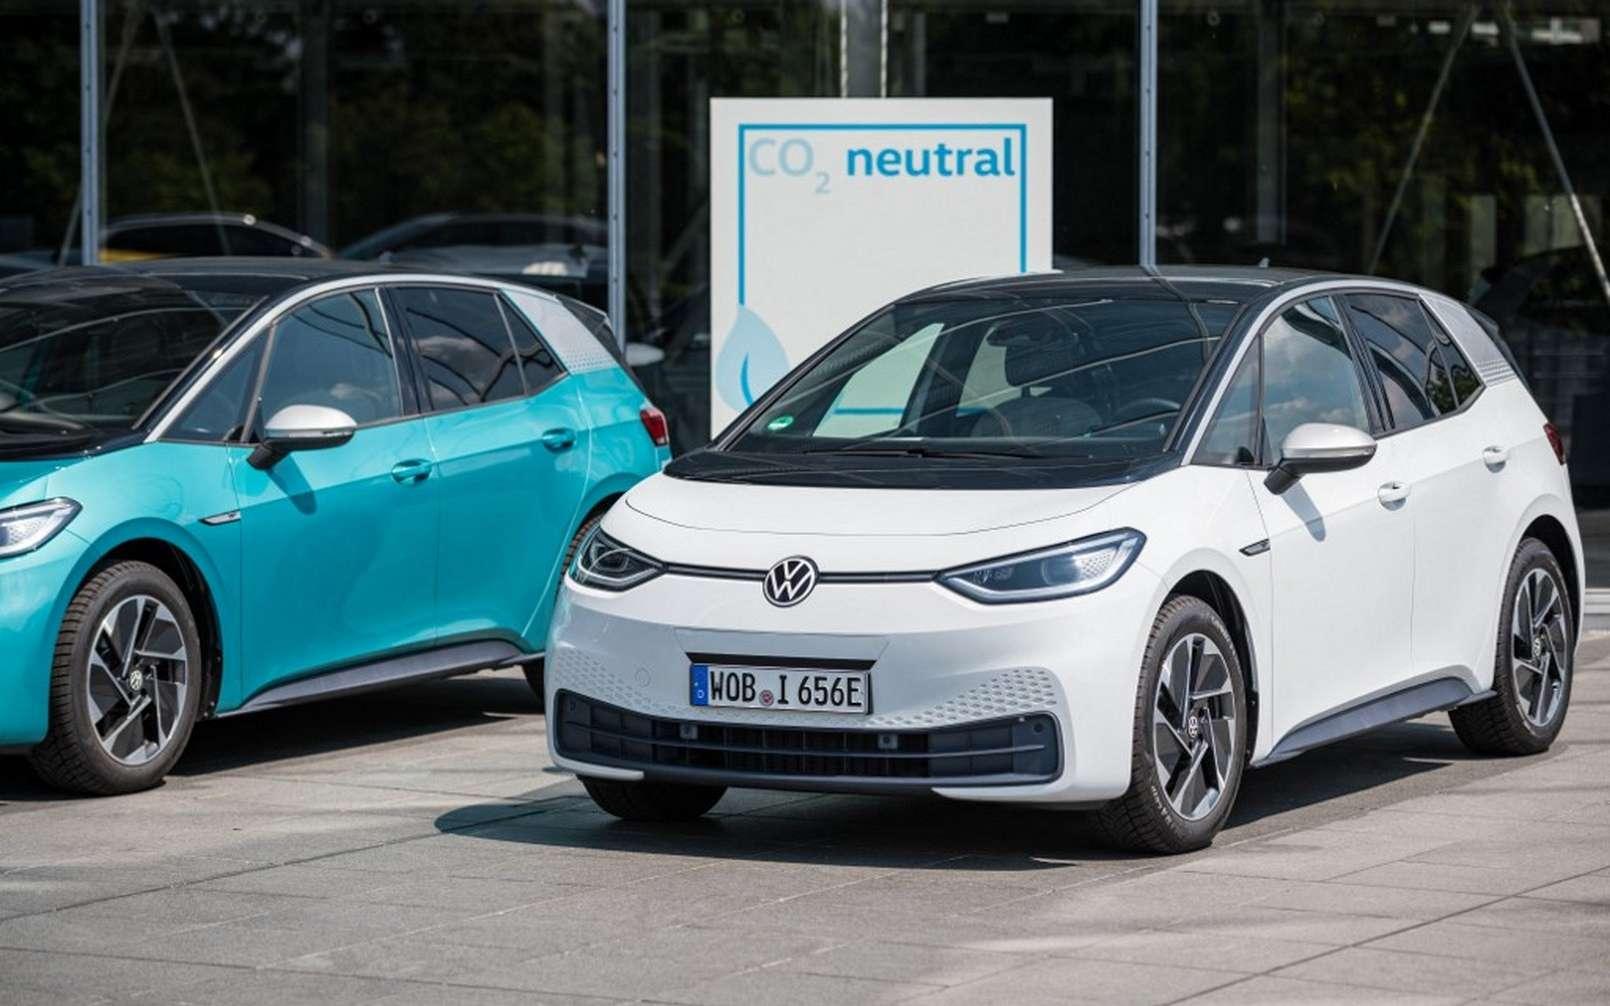 Le groupe Volkswagen n'est pas le seul ni le premier à annoncer la fin des moteurs thermiques. © Volkswagen